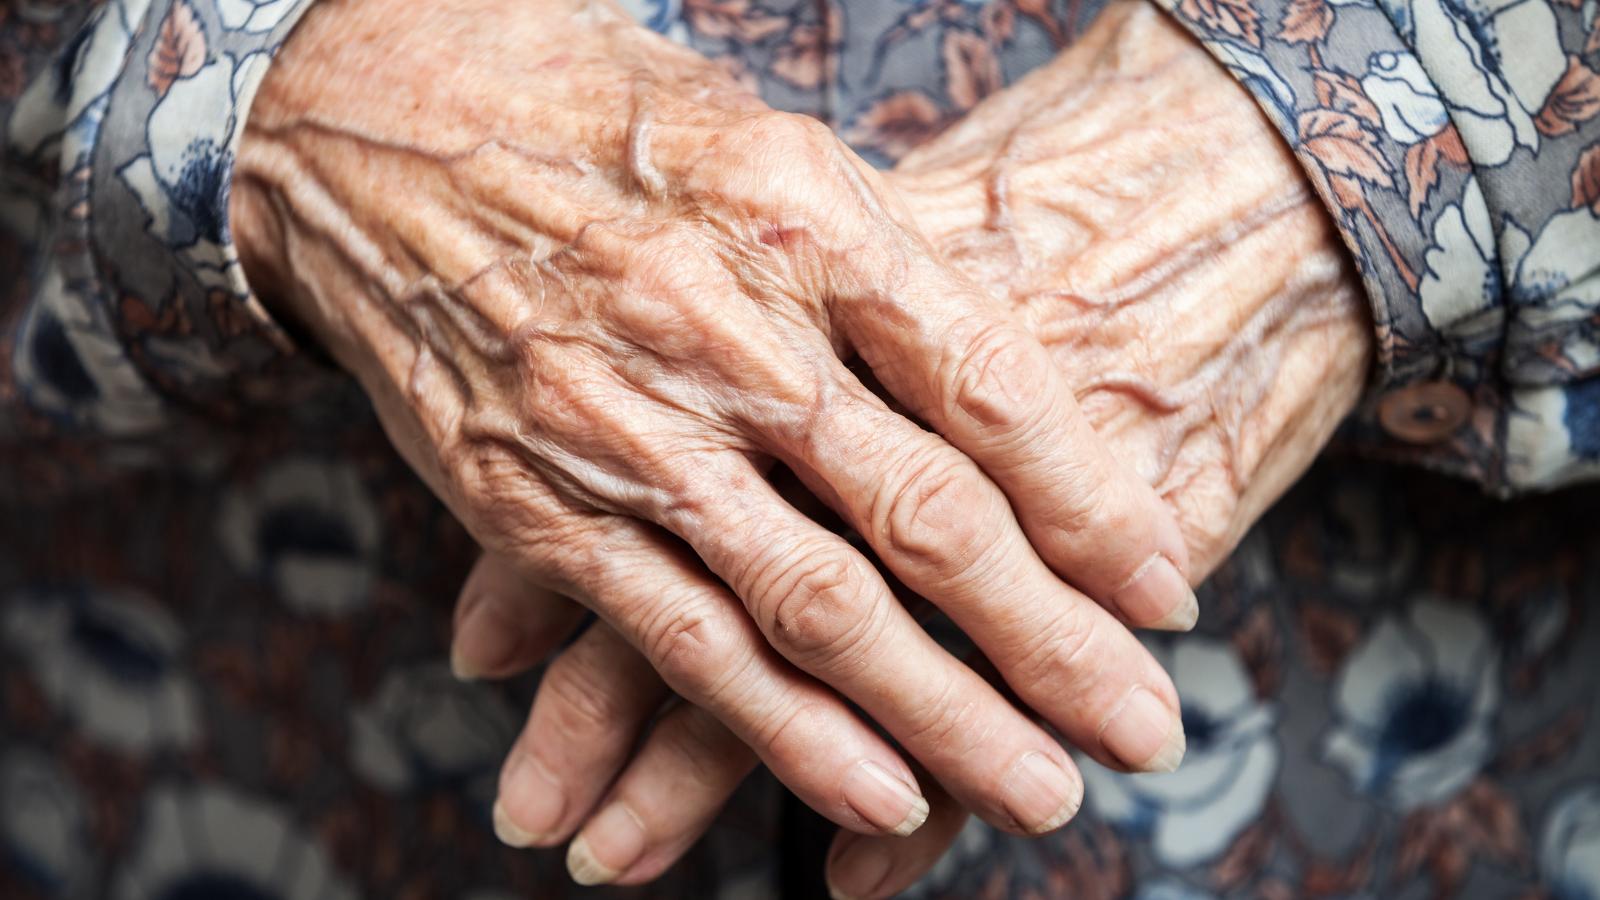 Viure en soledat a l'Hospitalet: dona i major de 75 anys